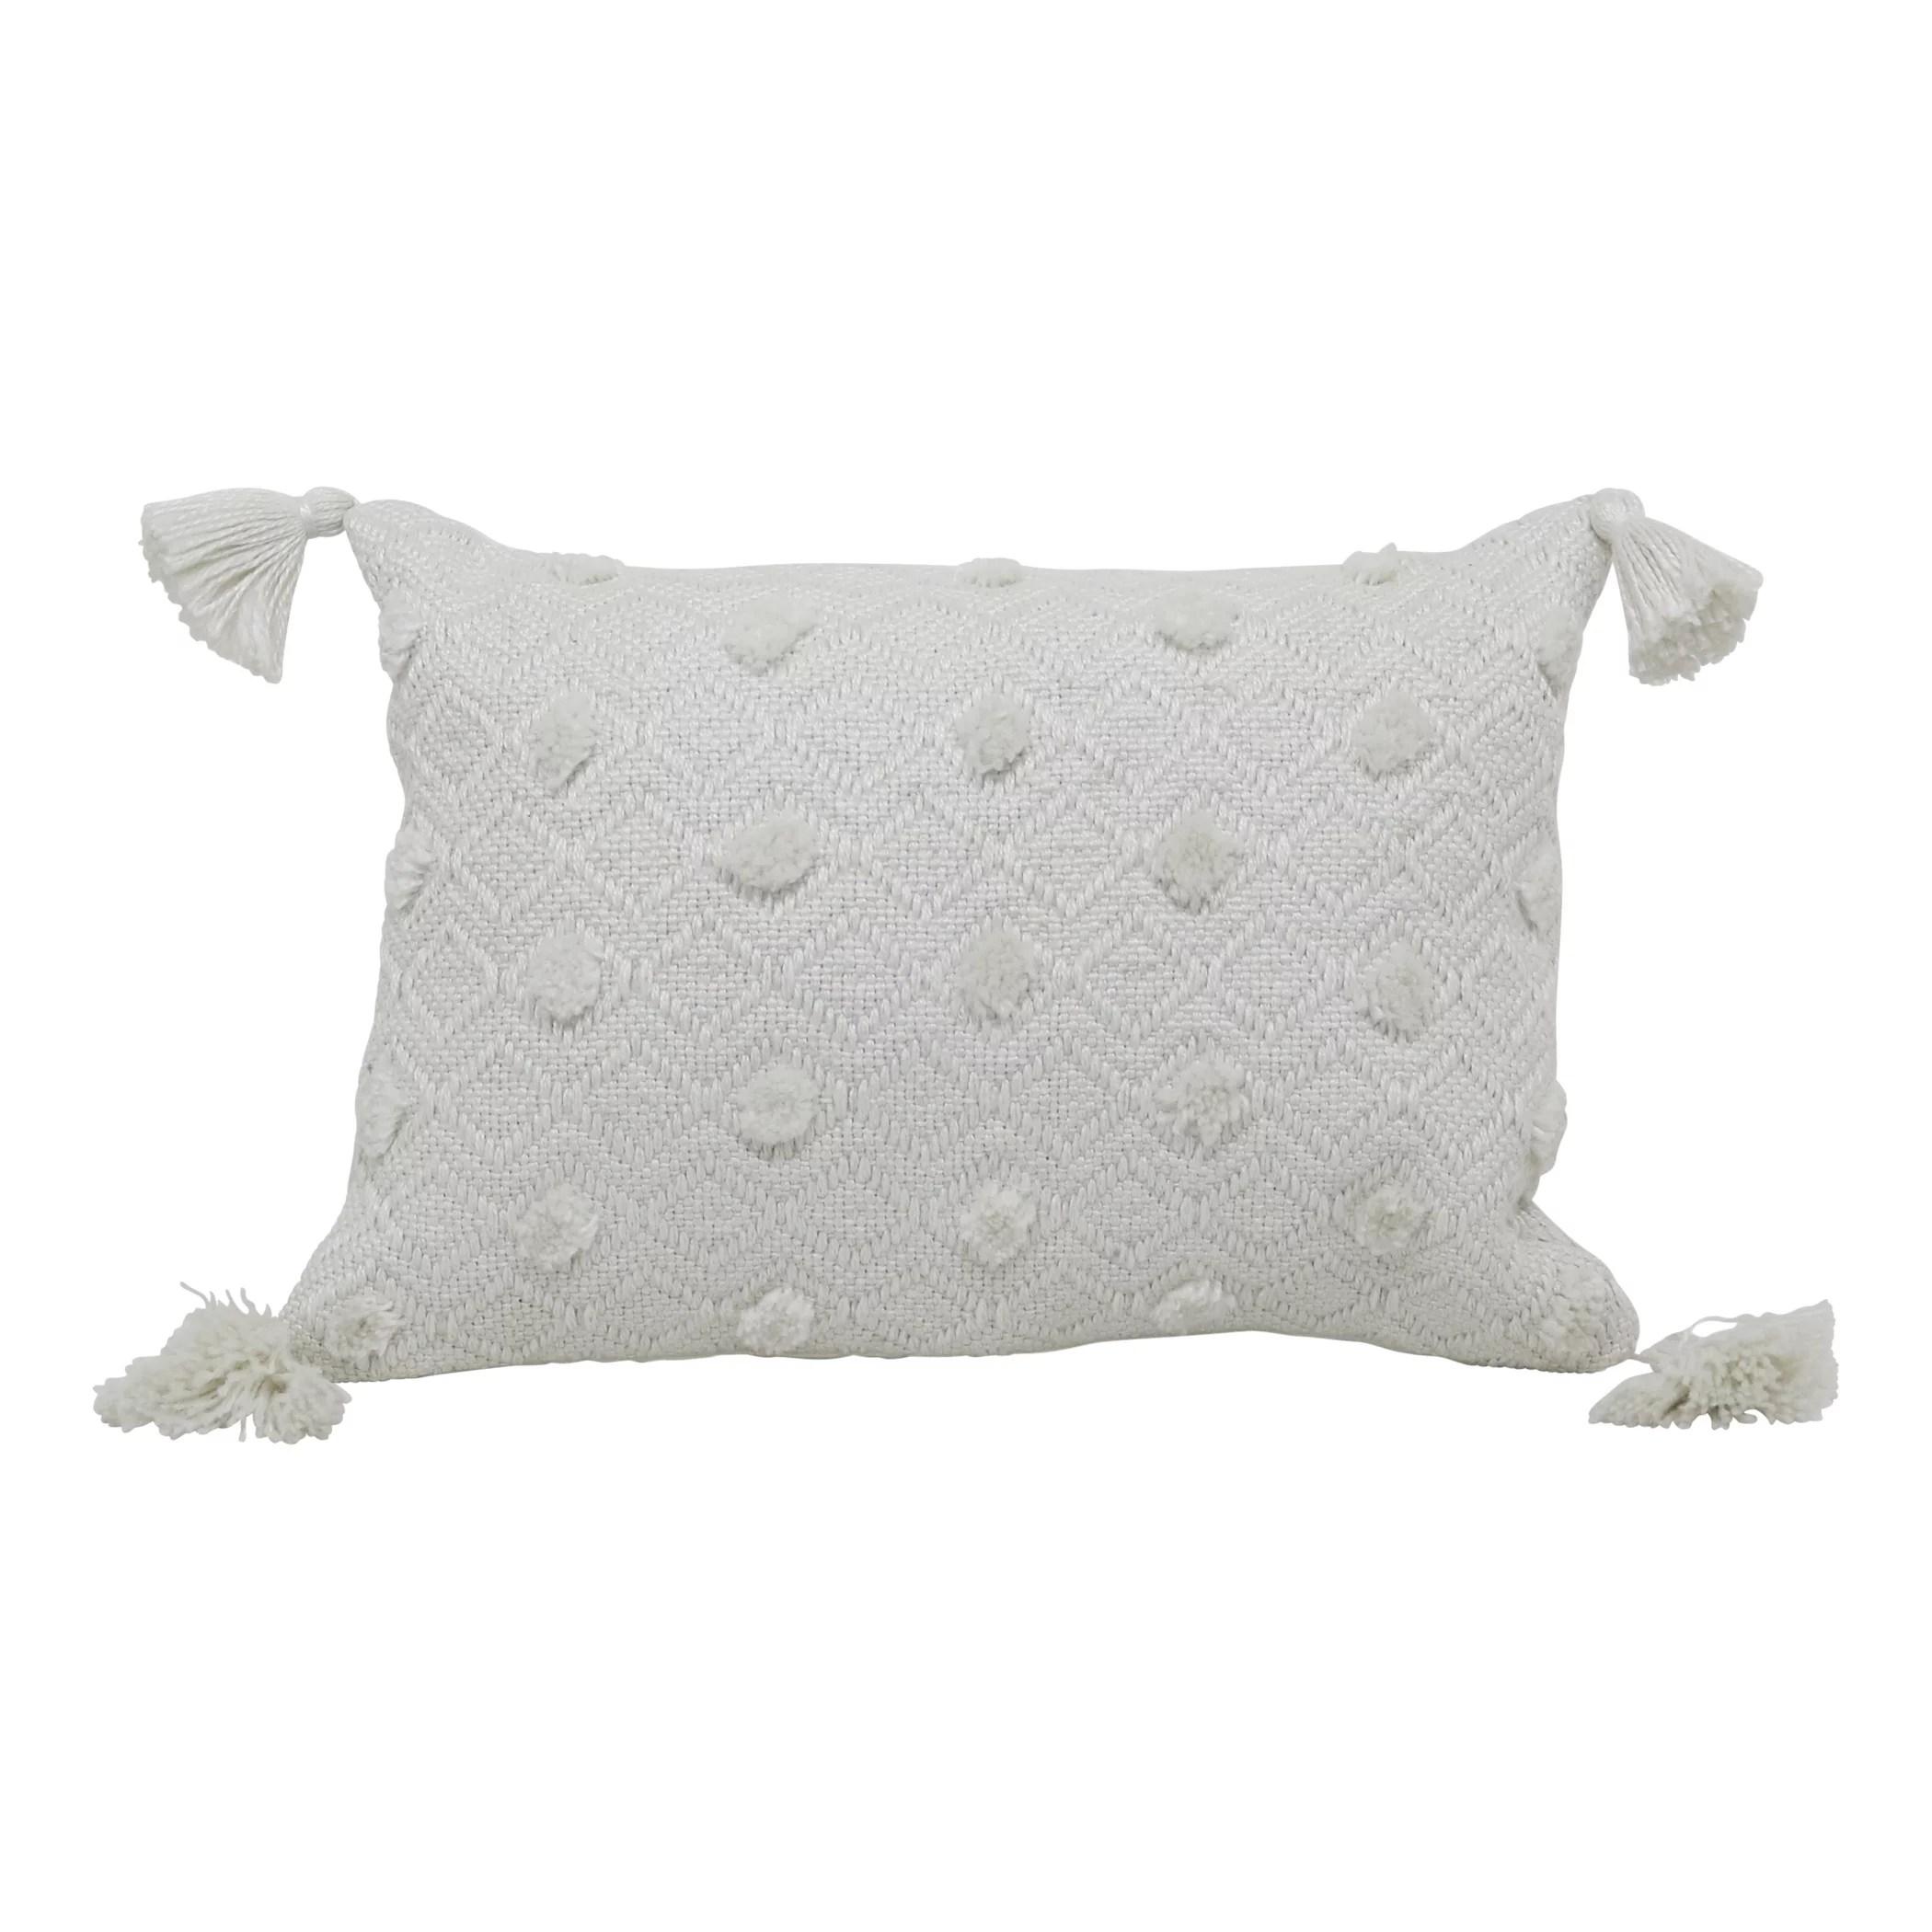 better homes gardens 13 x 19 outdoor toss pillow ivory woven